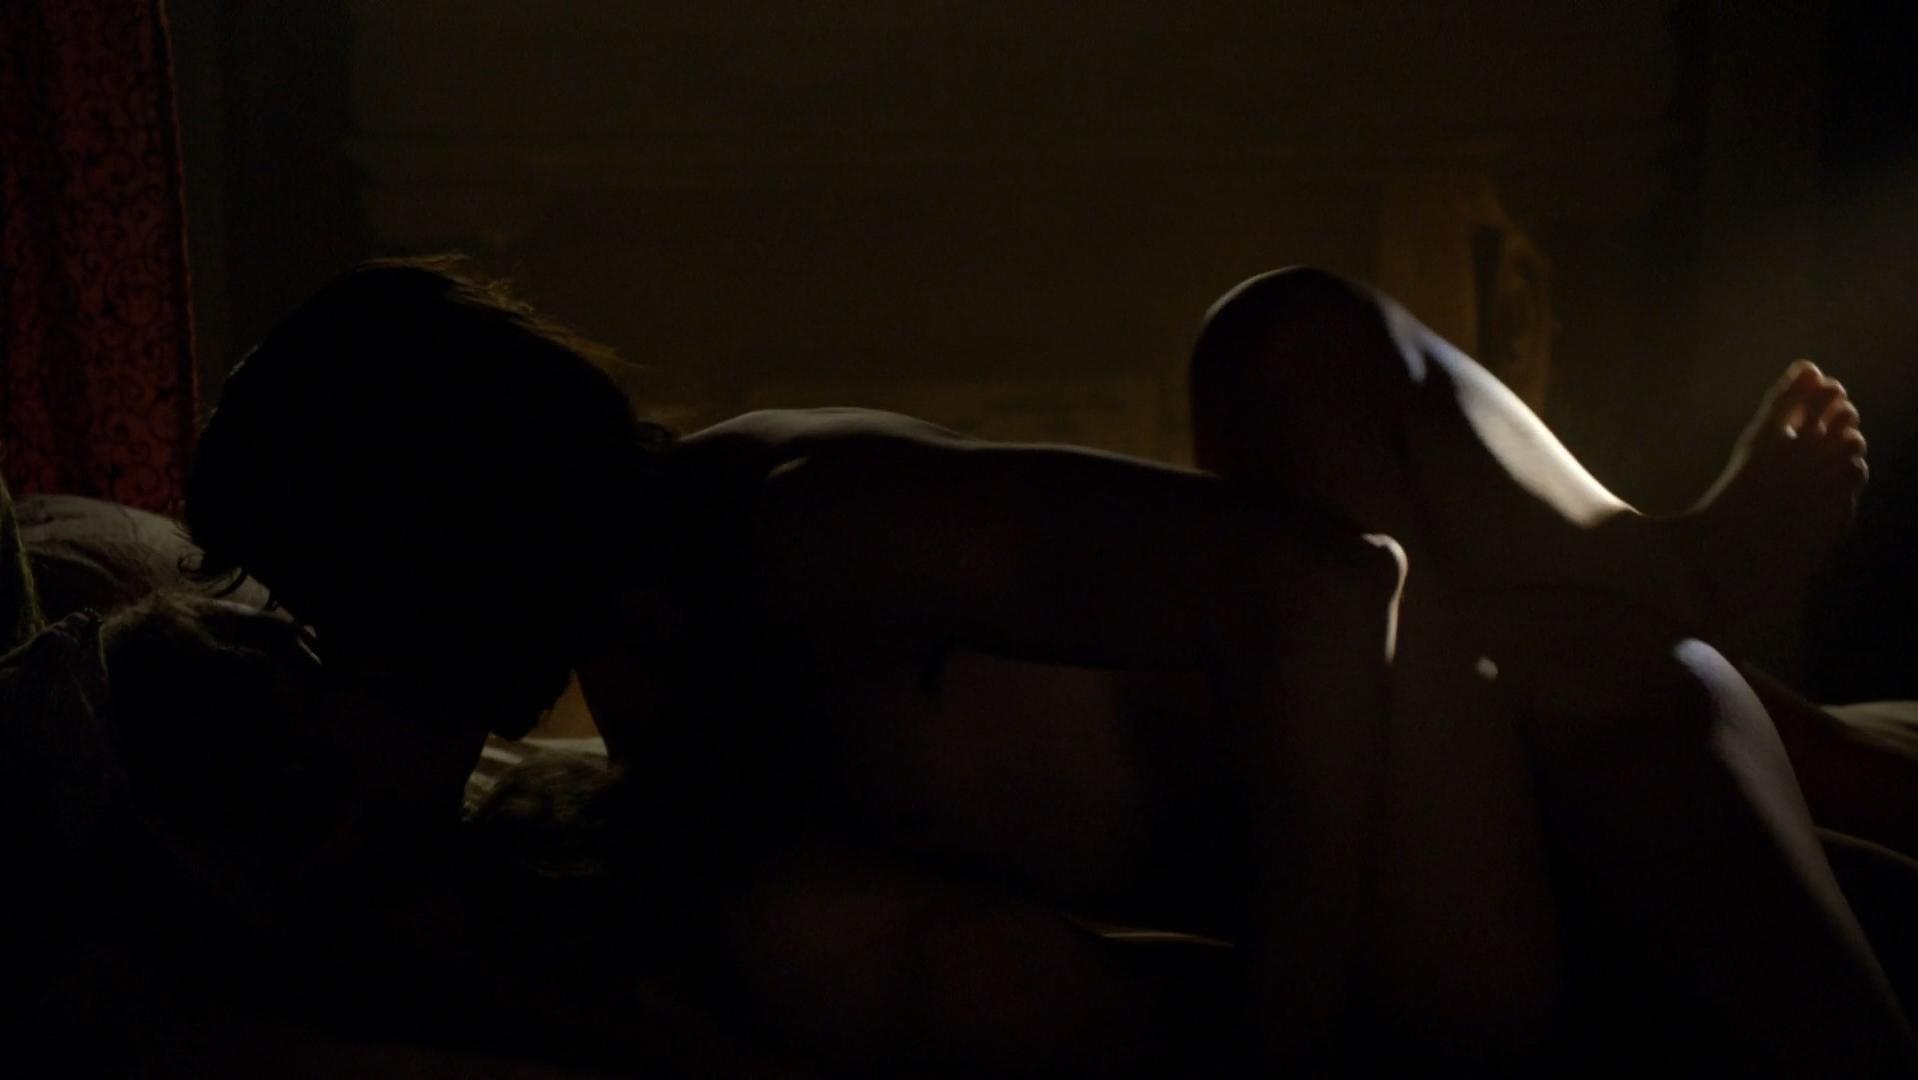 Ruta Gedmintas nude - The Borgias s01e06 (2011)